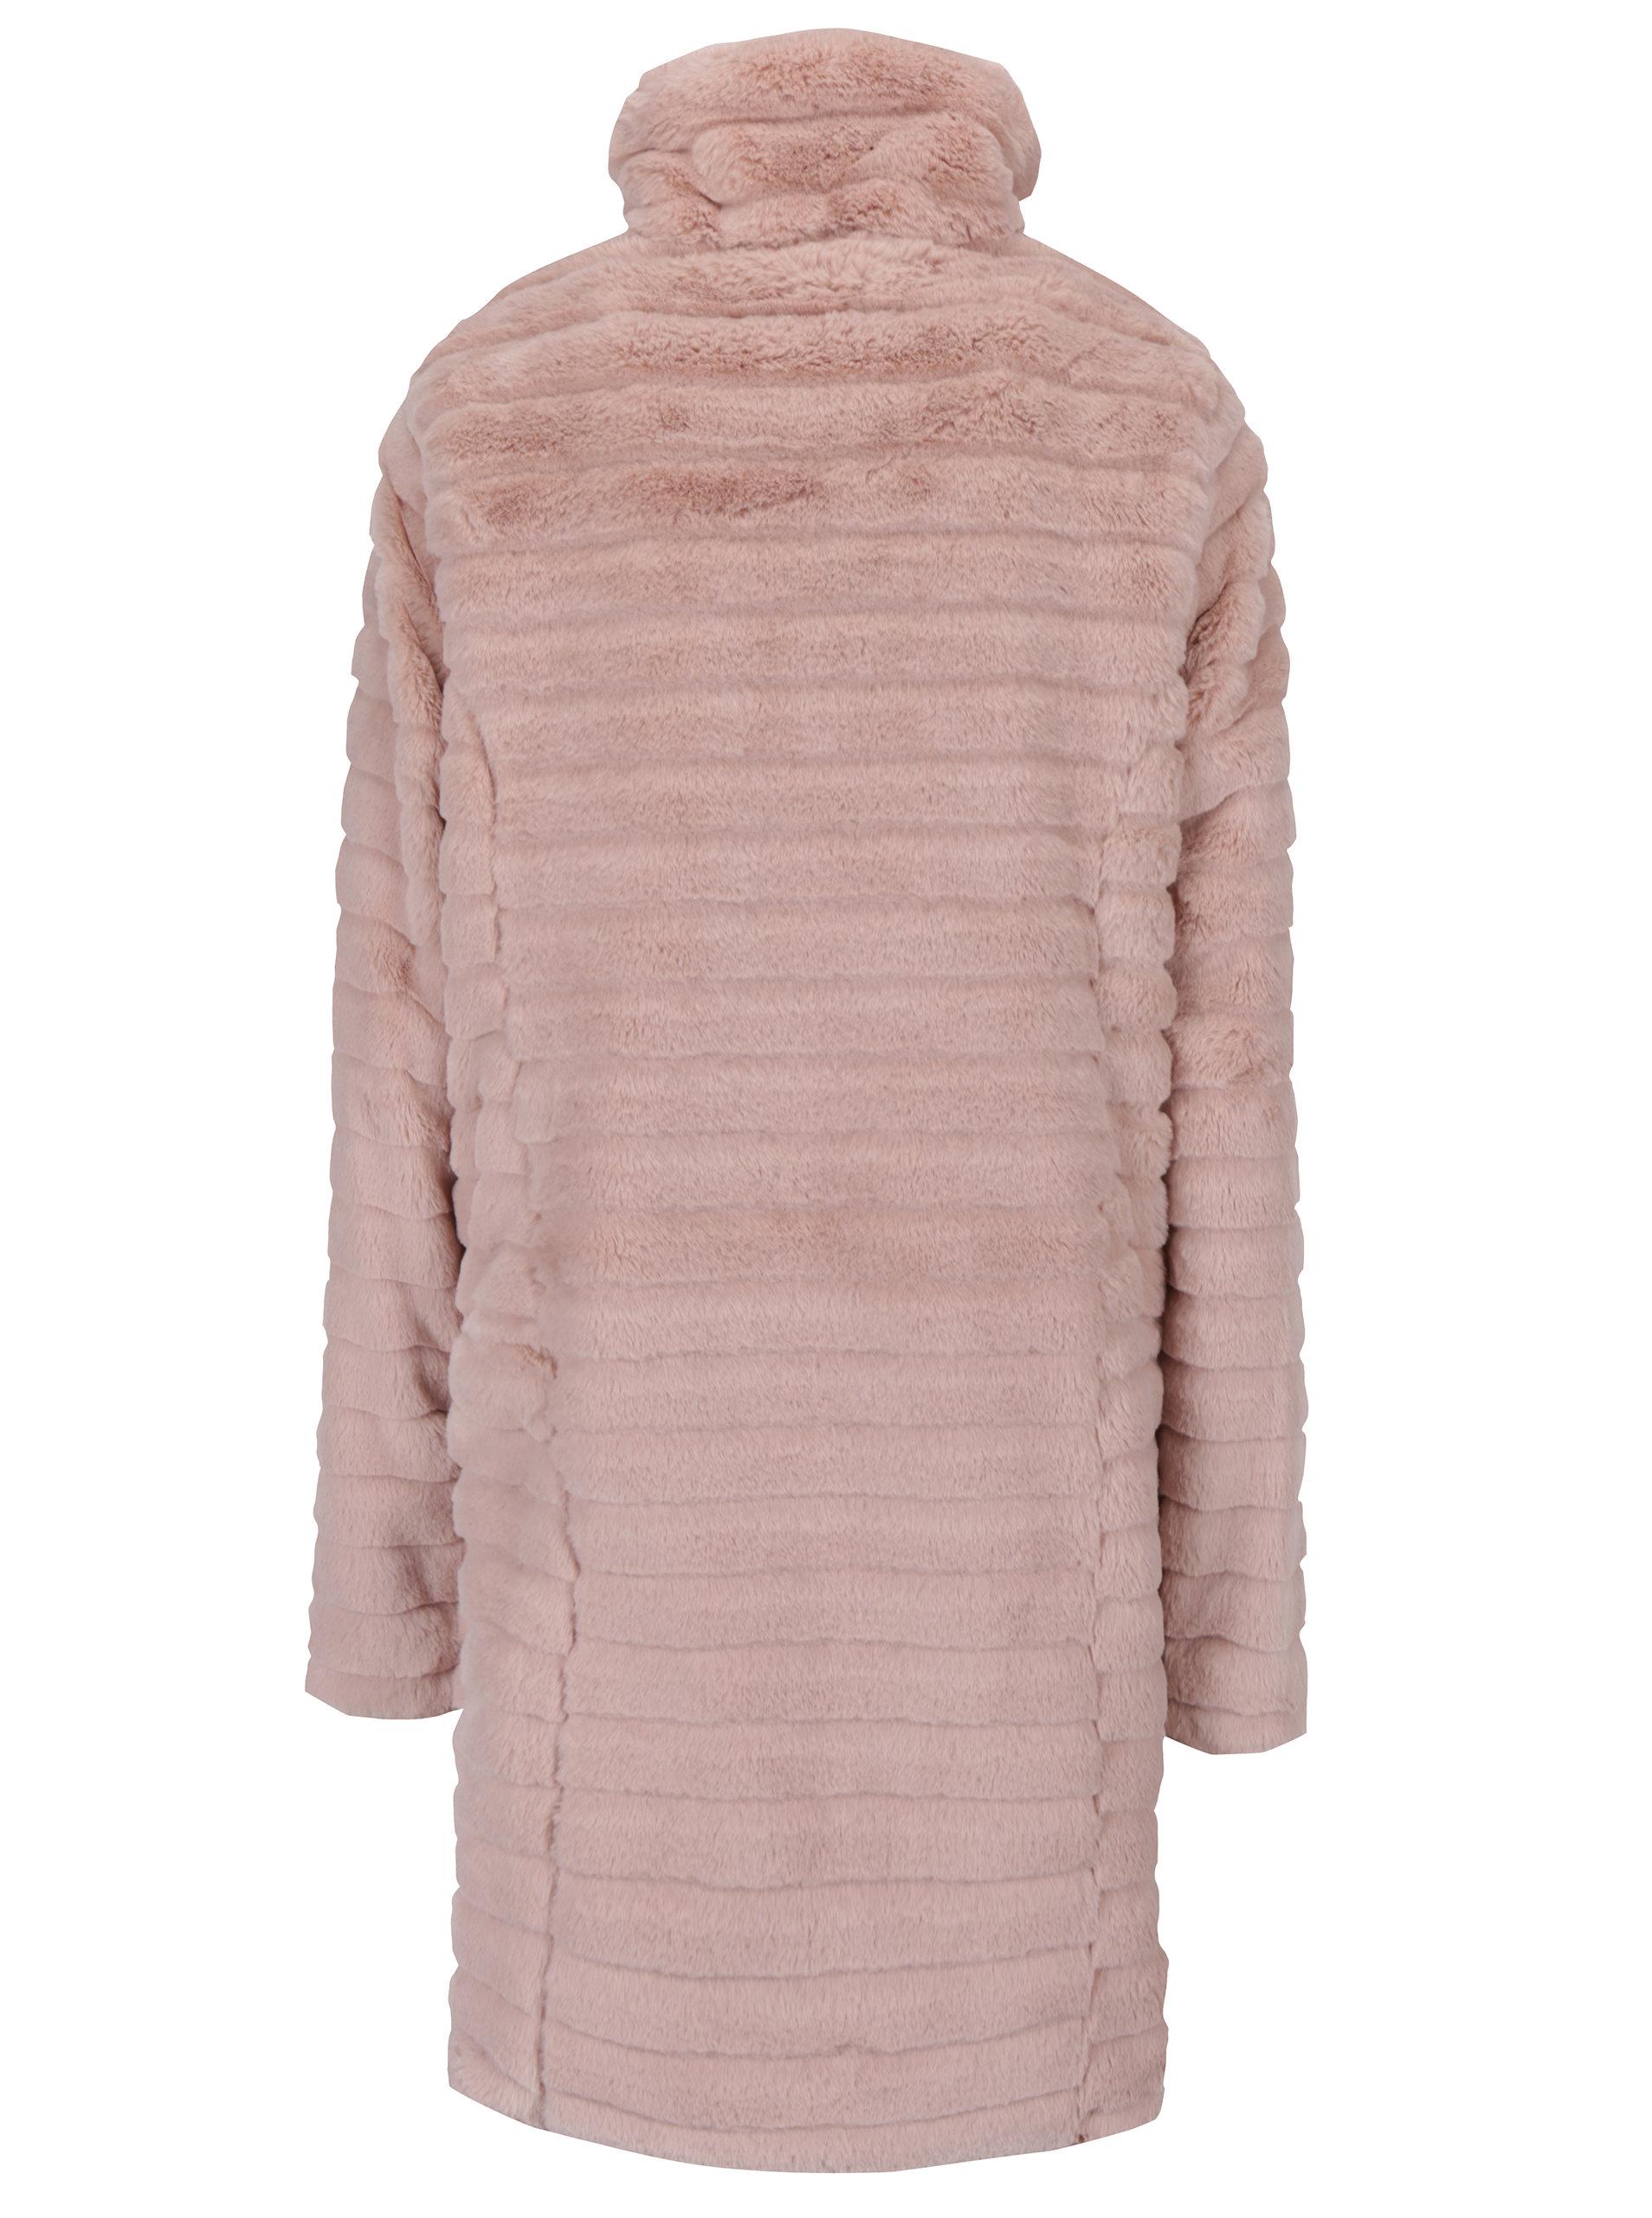 ef79cb8fab Svetloružový kabát s umelým kožúškom VILA Meria ...